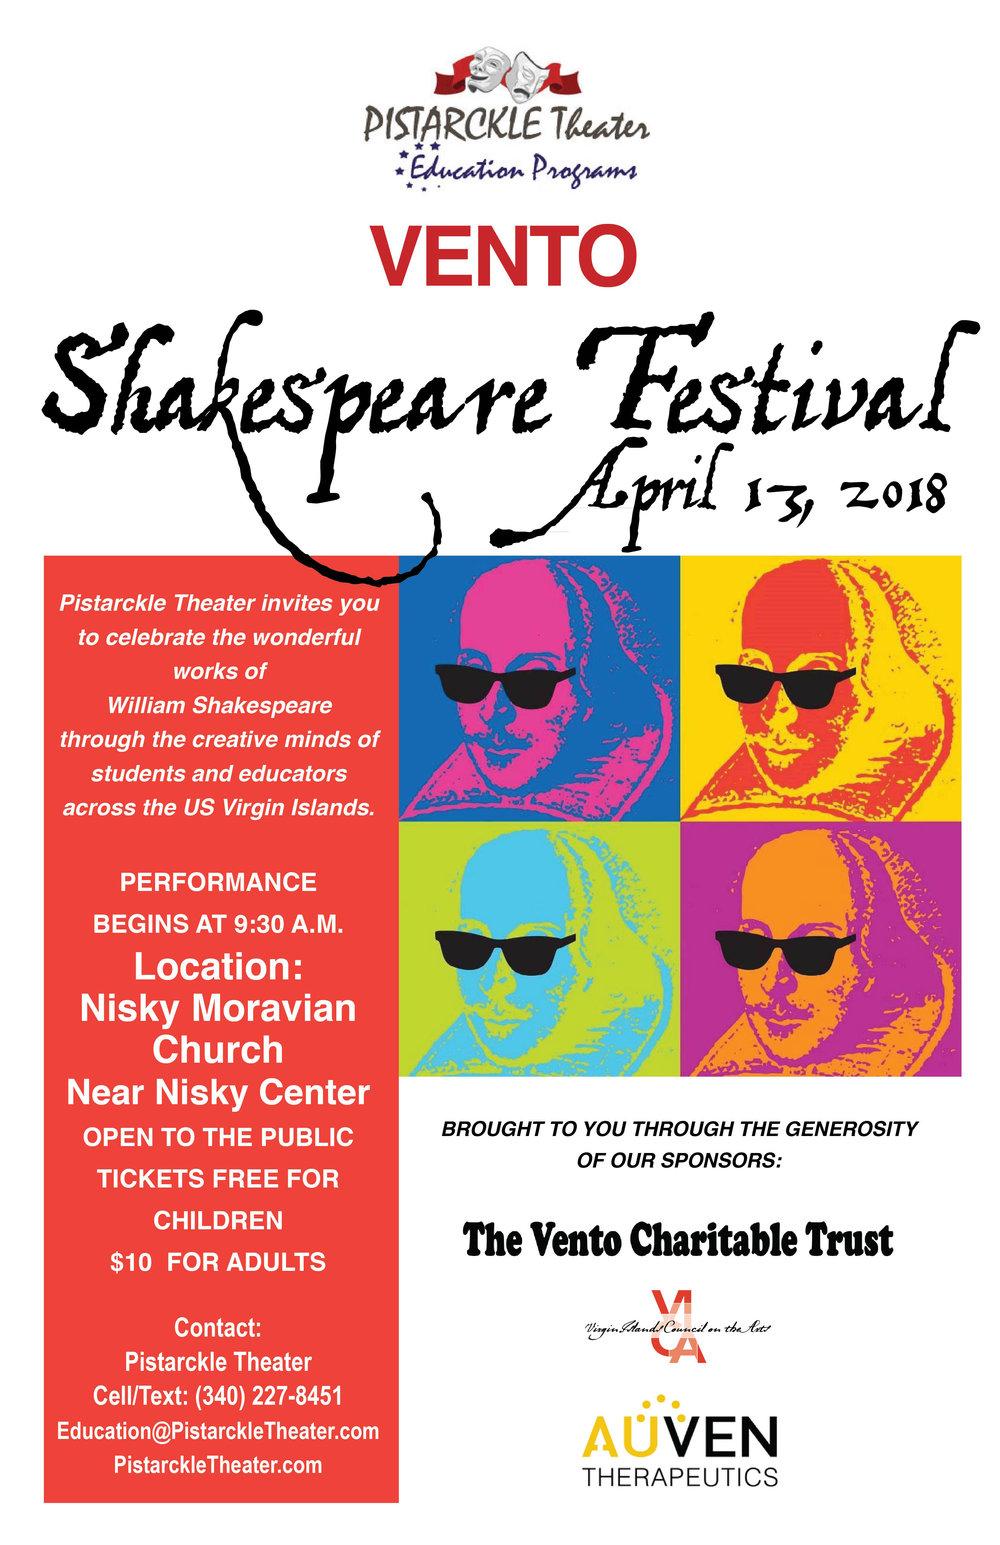 Shapespeare+Festival+Poster+w-Nisky+Center+on+it.jpg